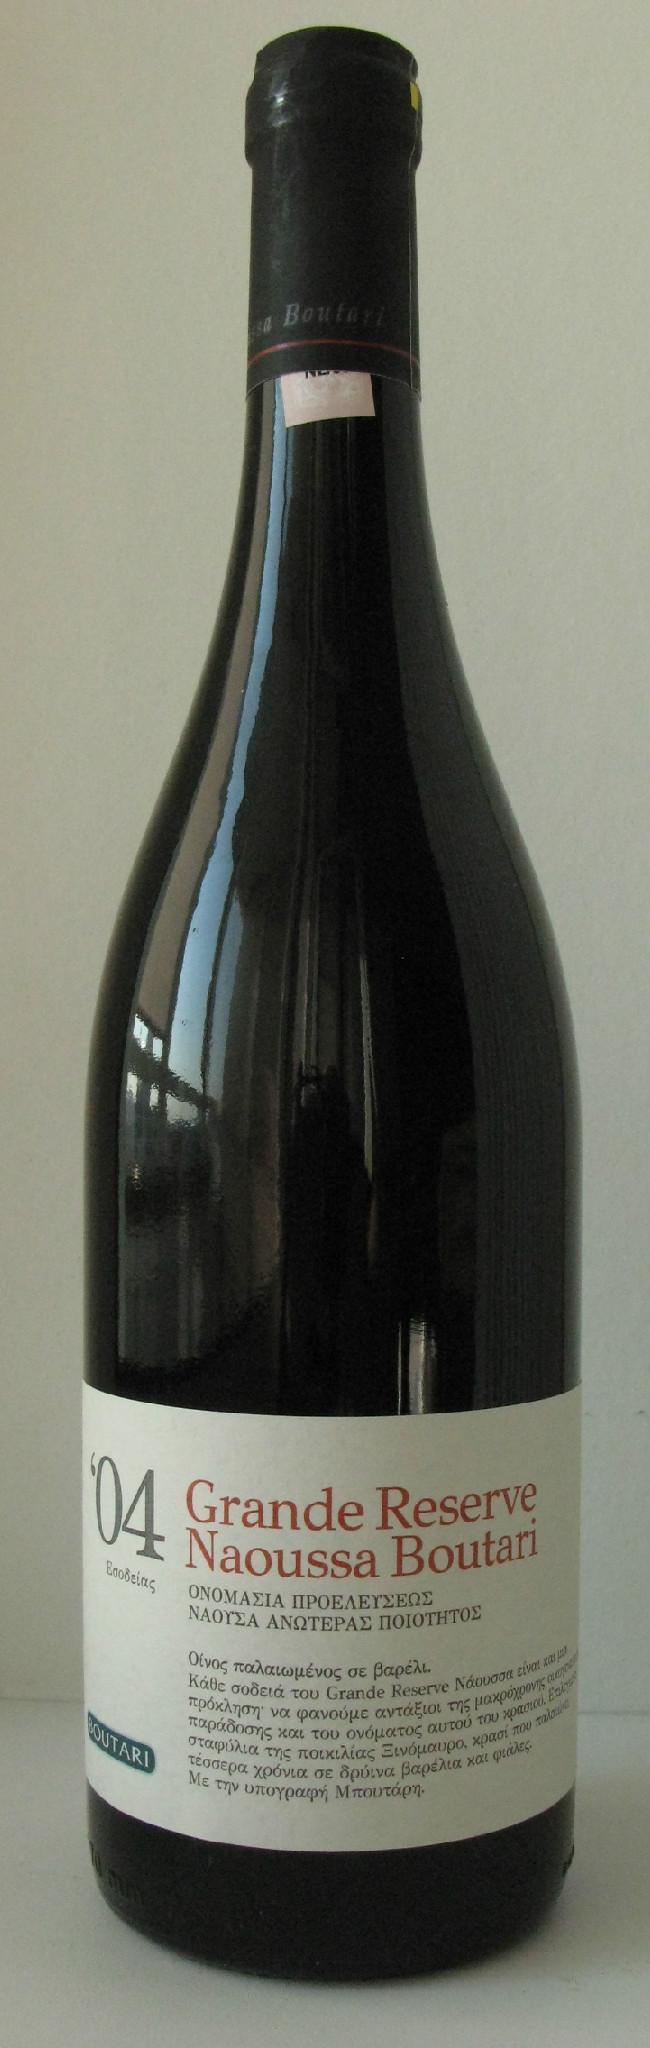 naoussa-boutari-2004